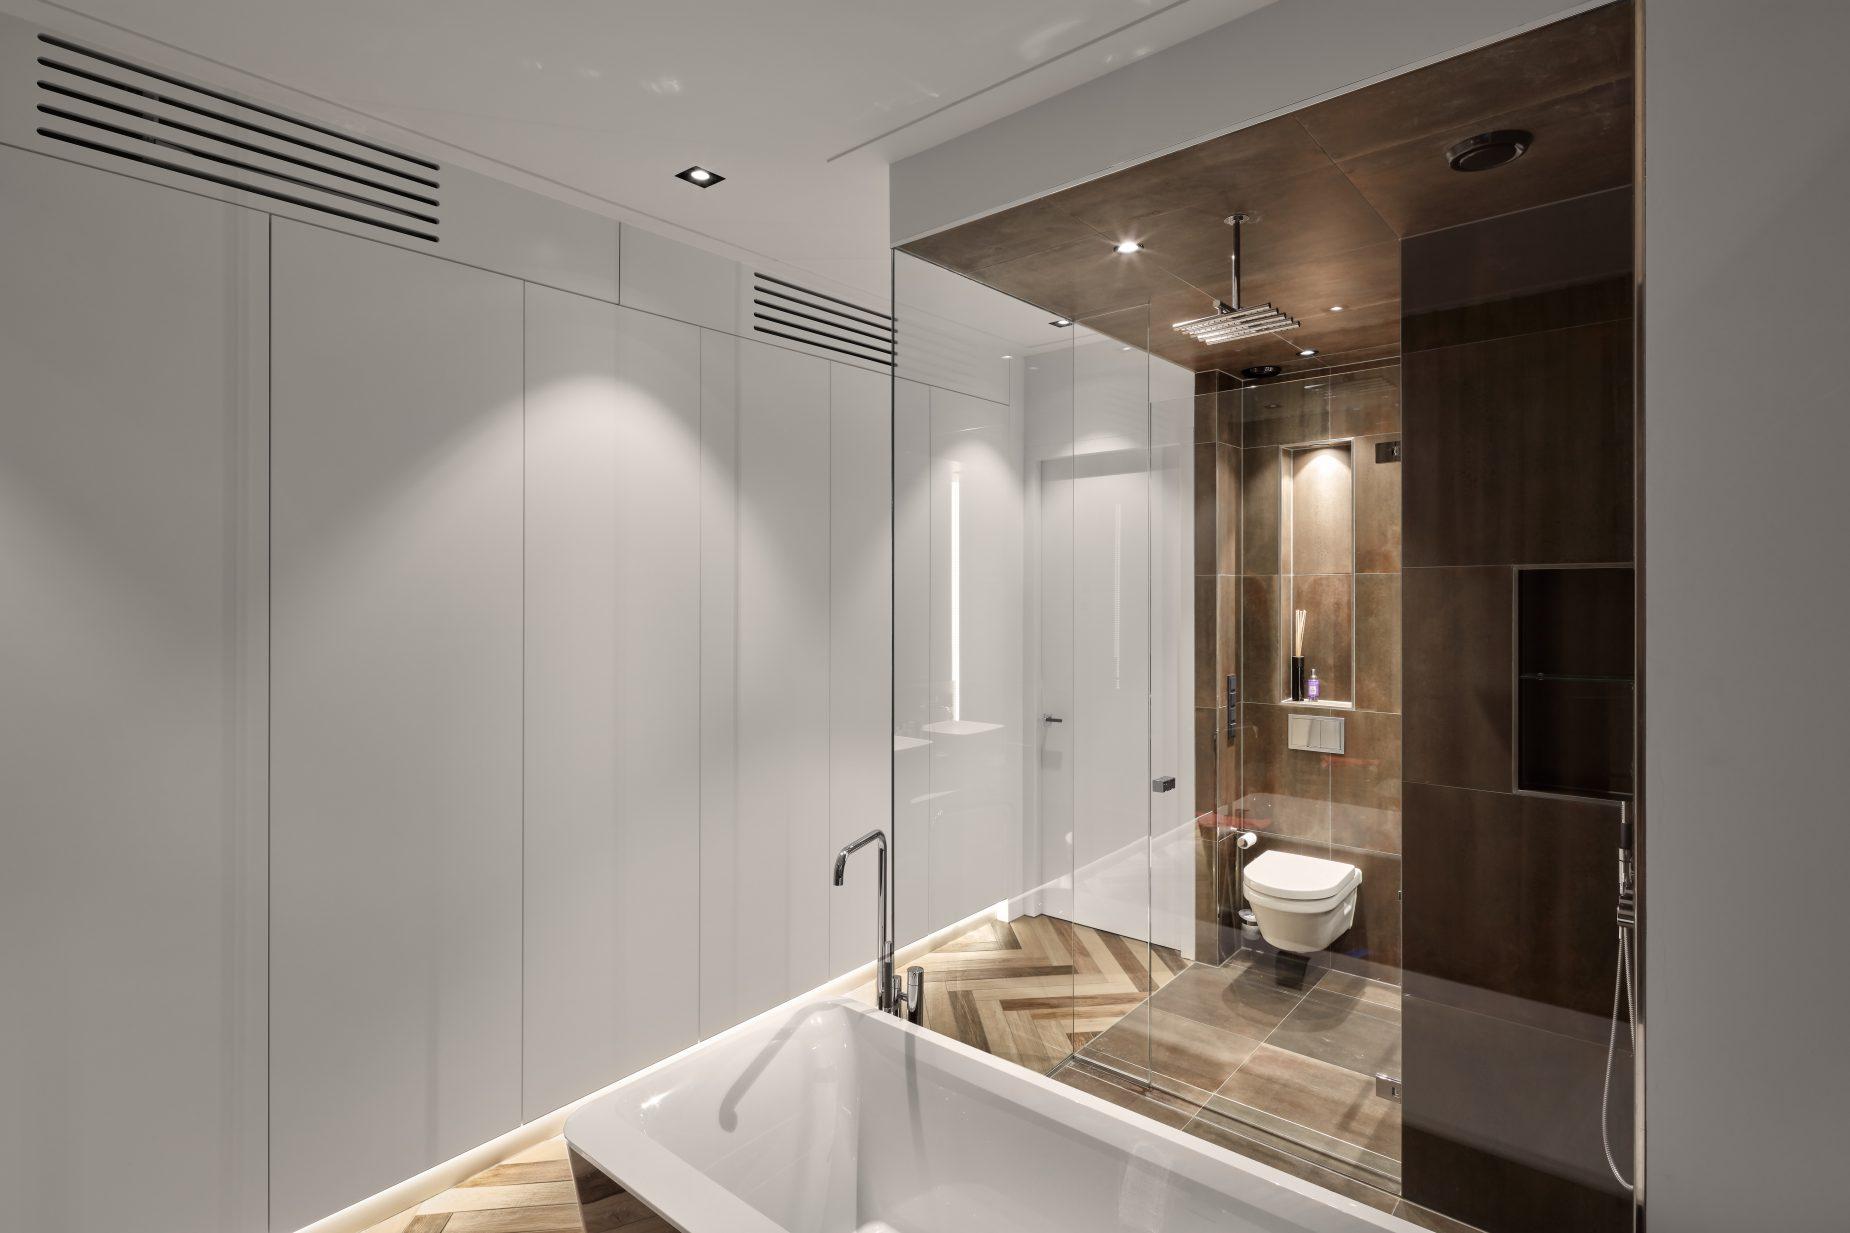 Interieurontwerp en moderne badkamer op maat door amsterdamse architect Maxim Winkelaar.